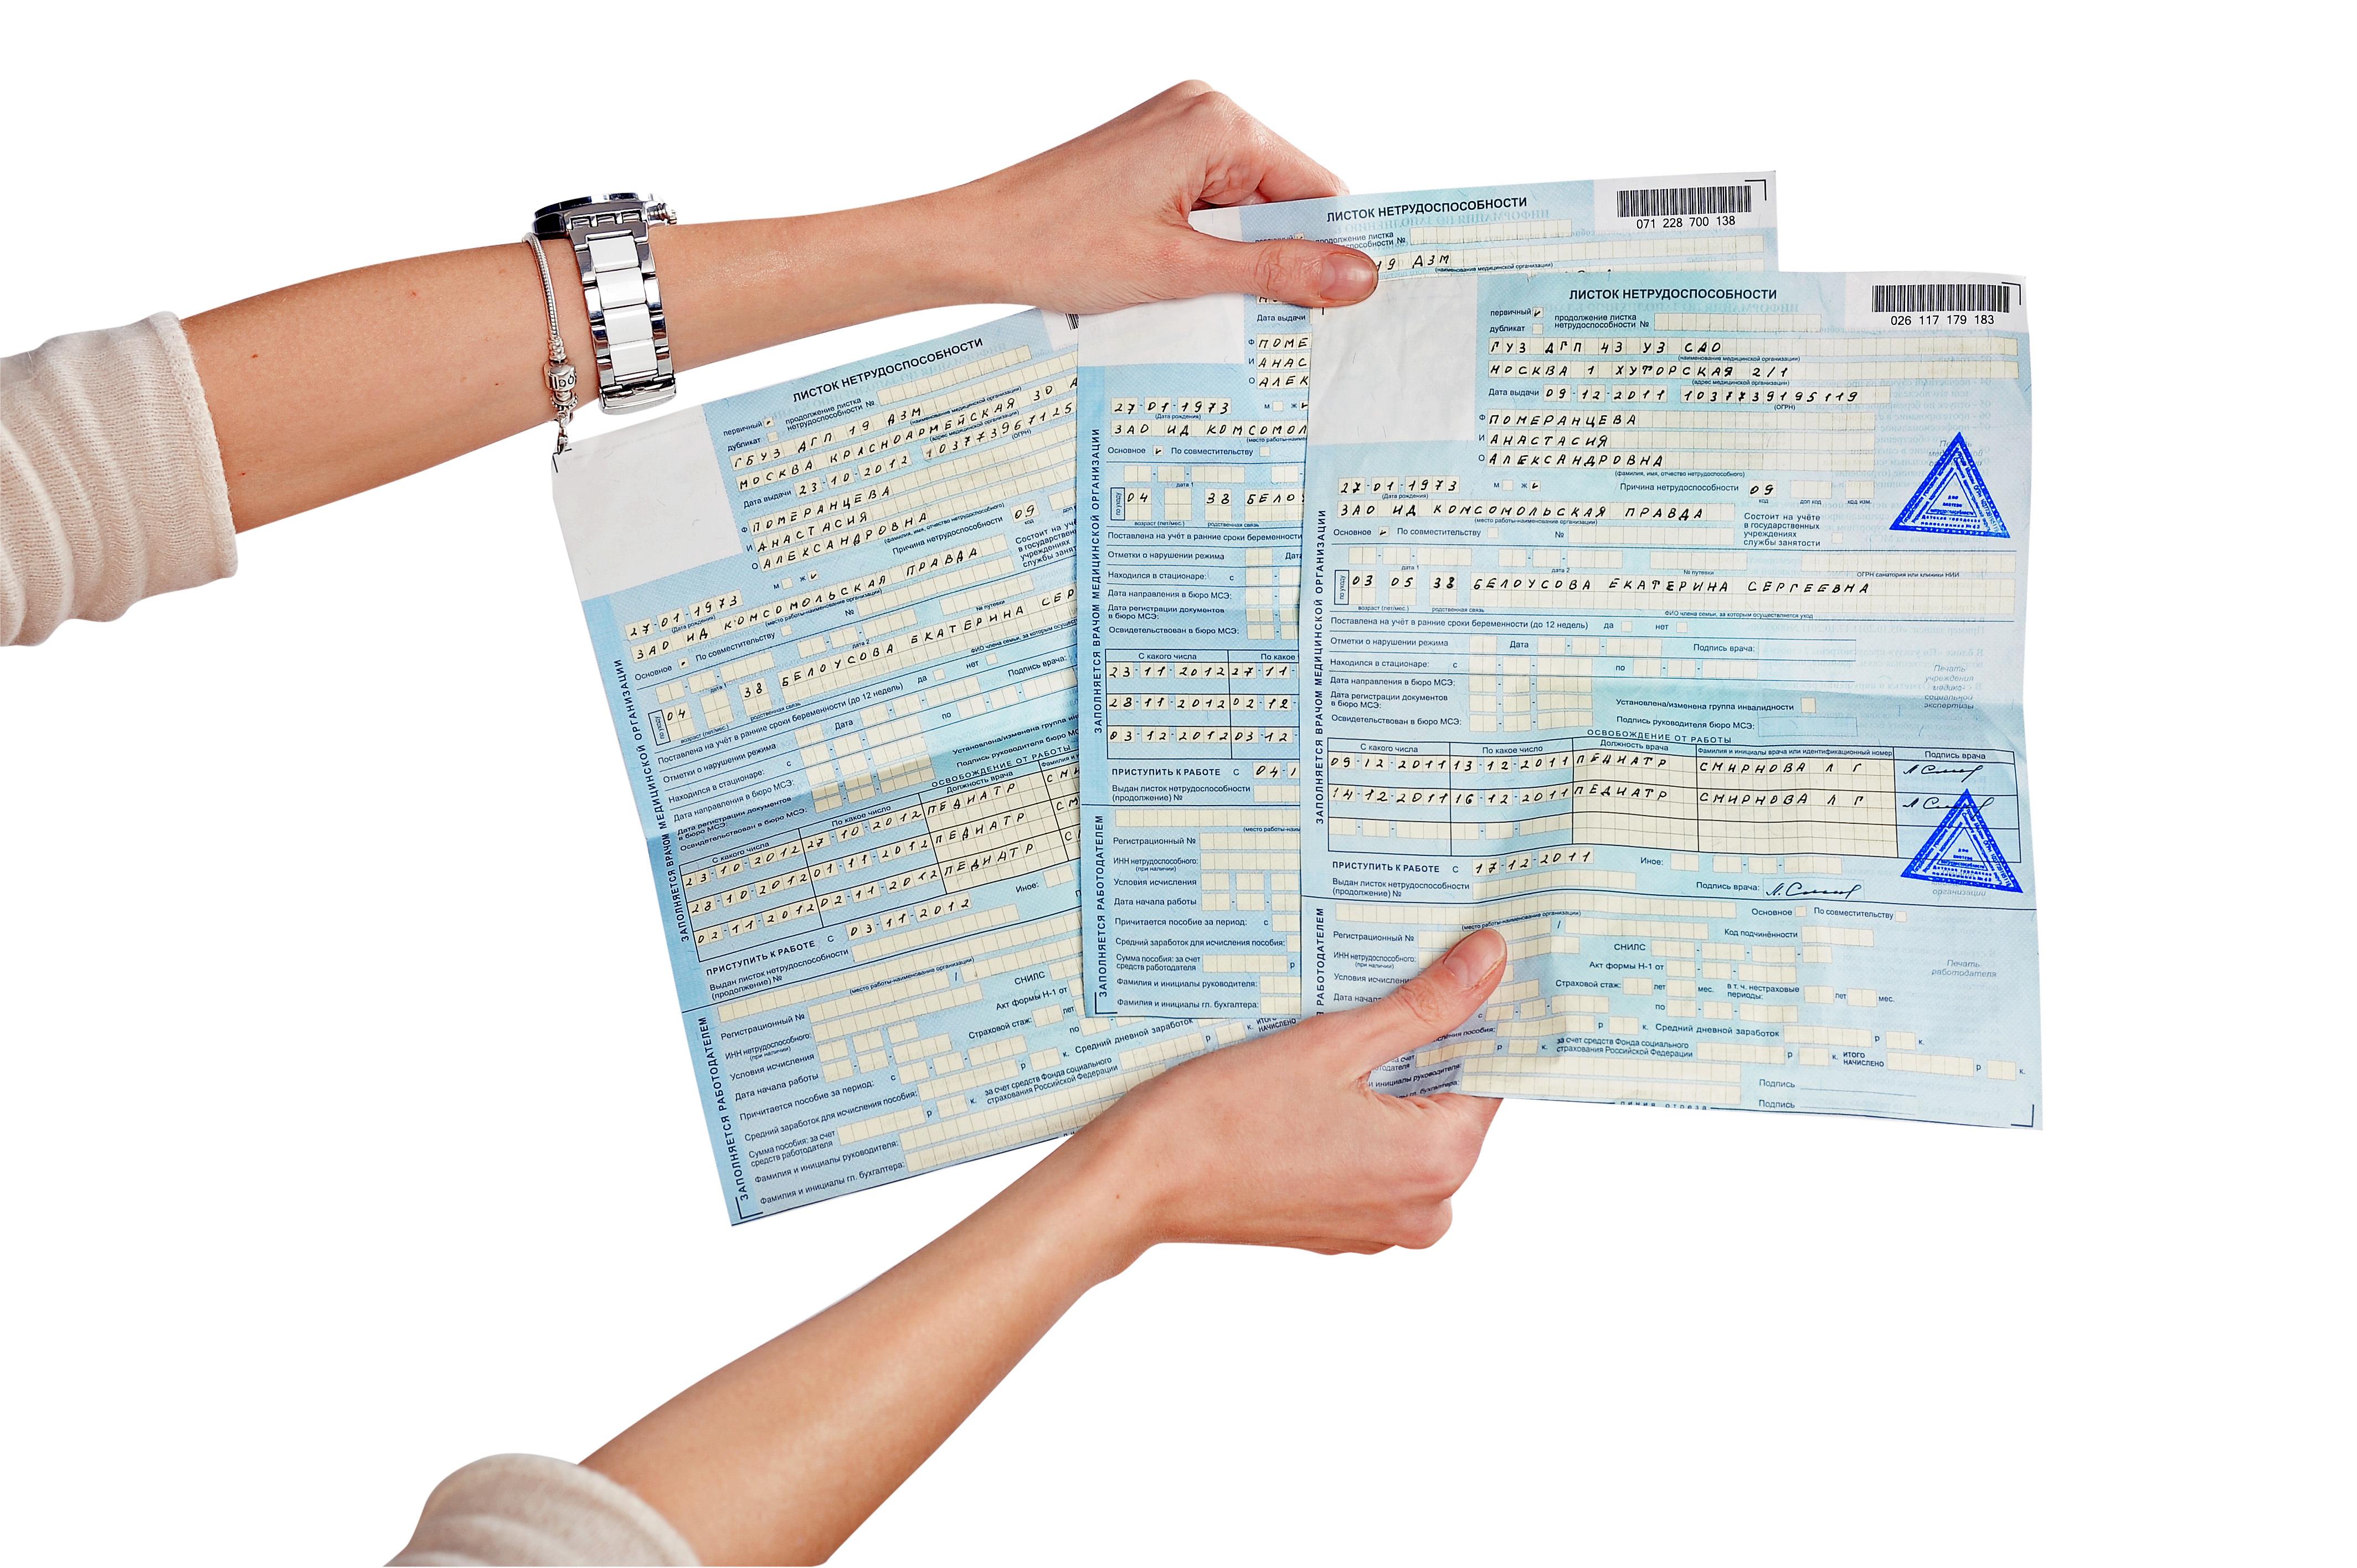 За оплату больничных листов в России отвечает Фонд социального страхования.